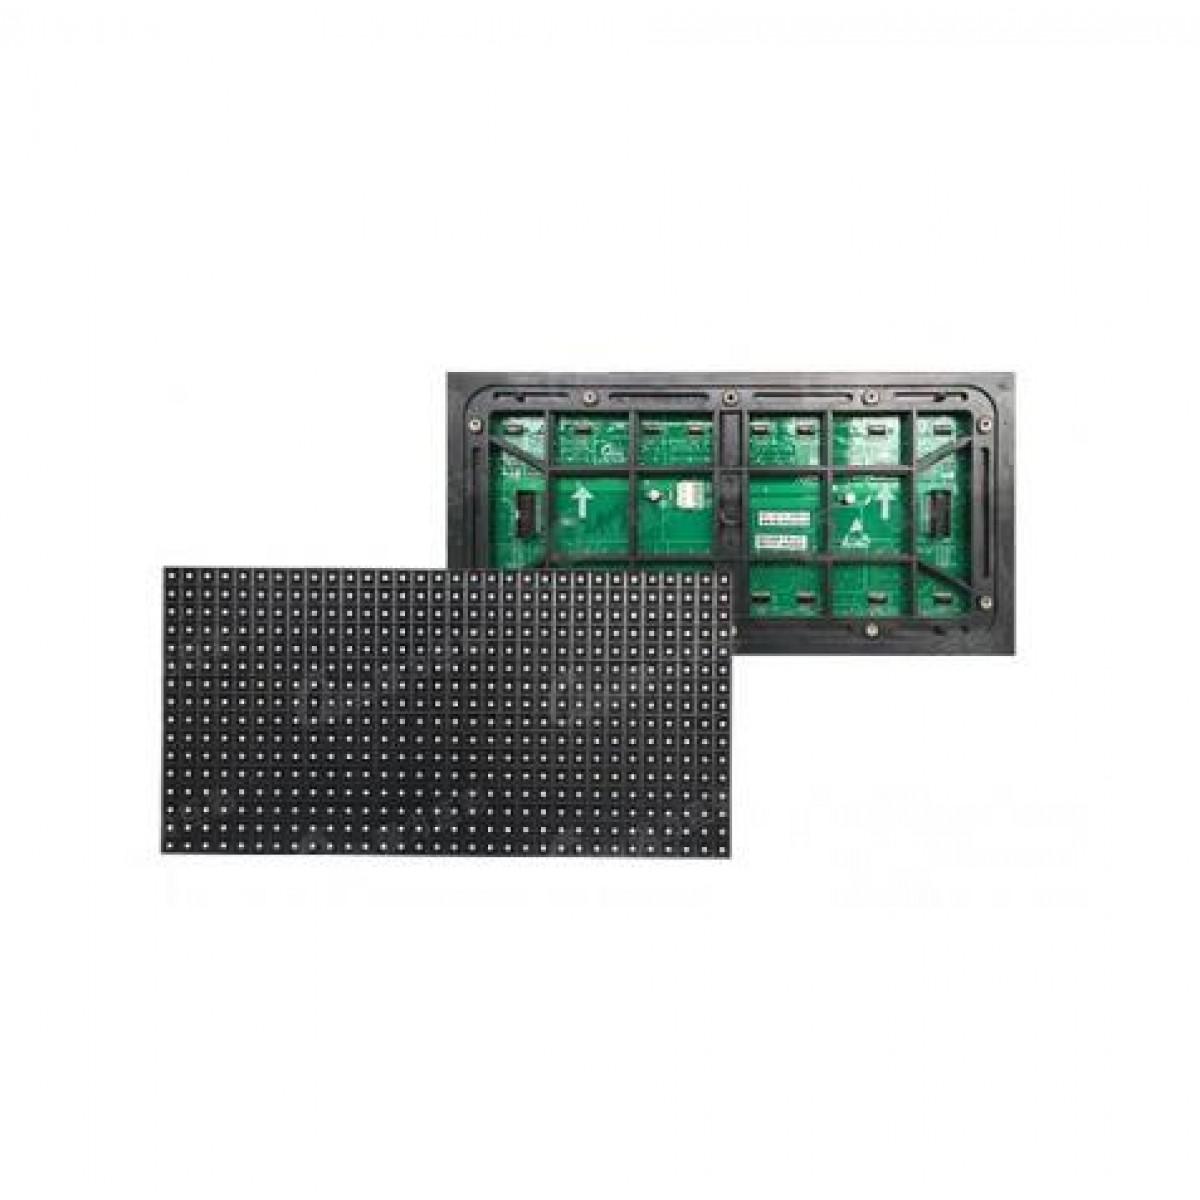 户外表贴P10单红单板分辨率32*16单板尺寸320*160扫描方式1/4